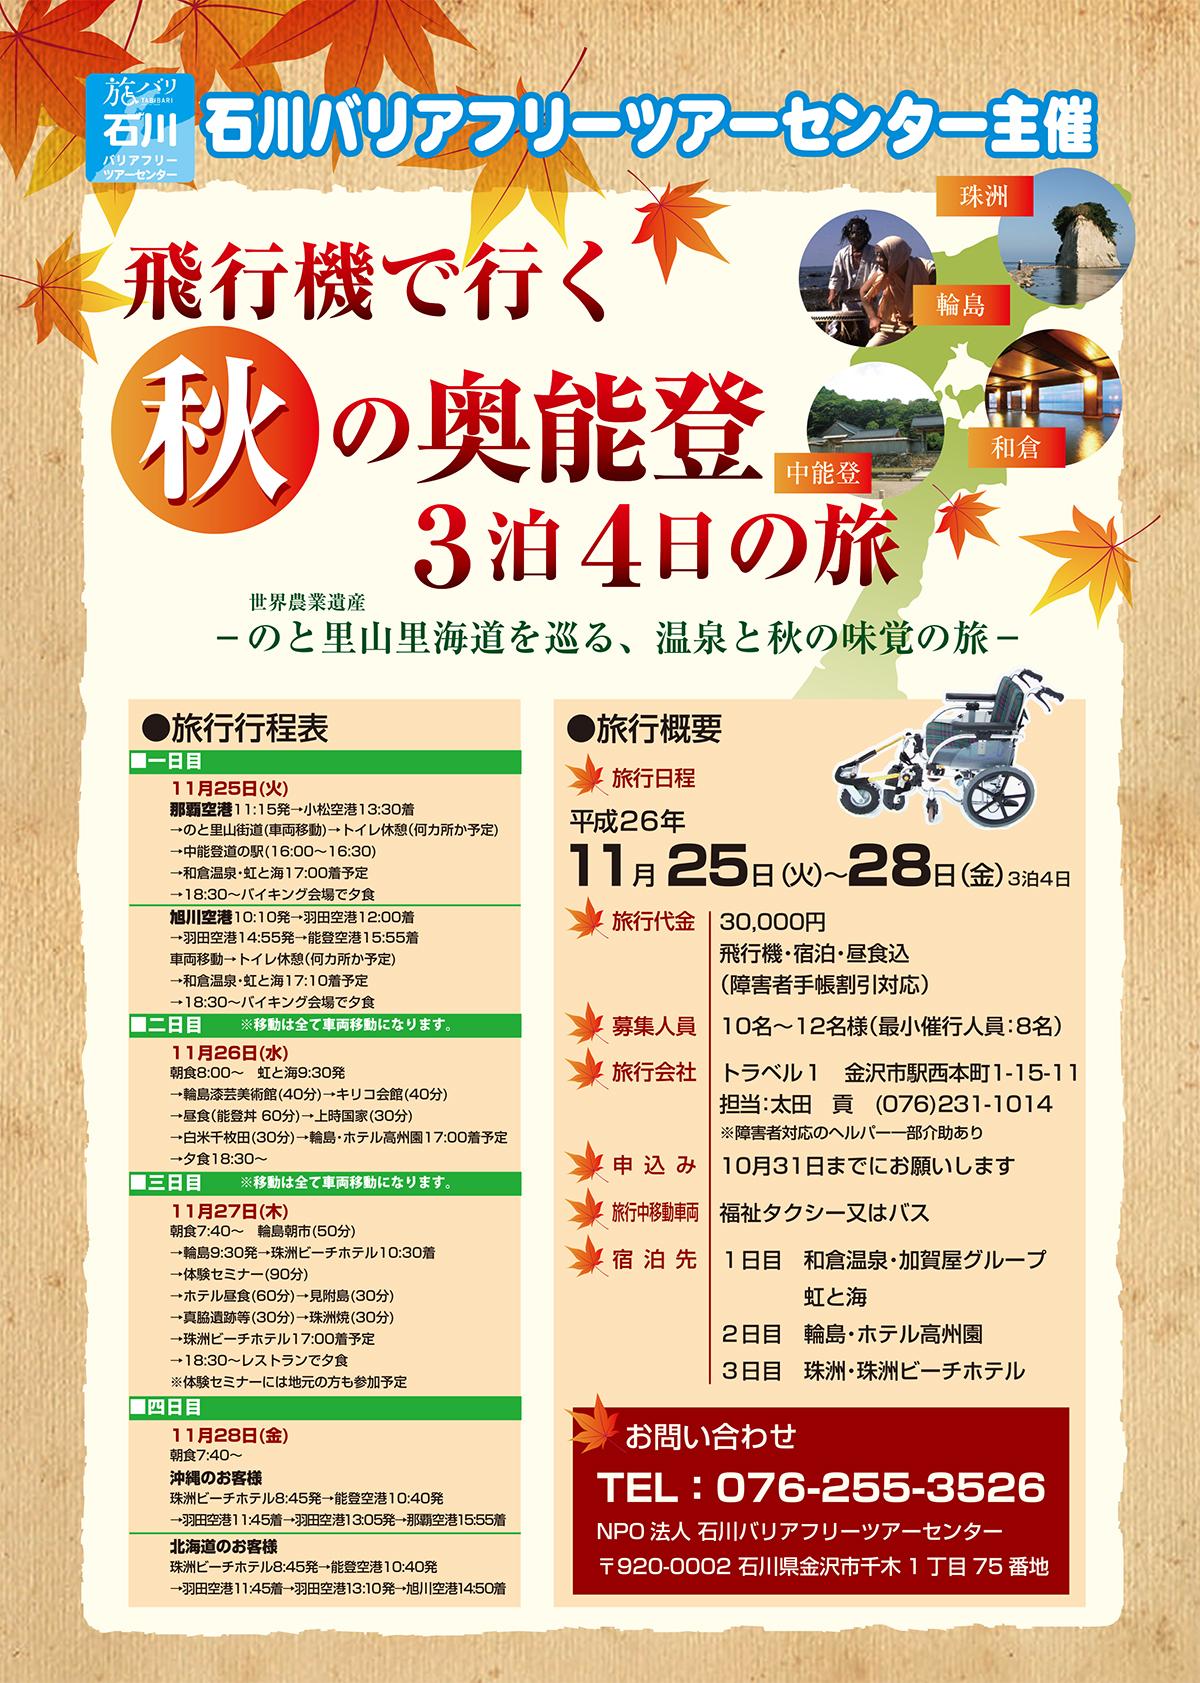 石川バリアフリーツアーセンター